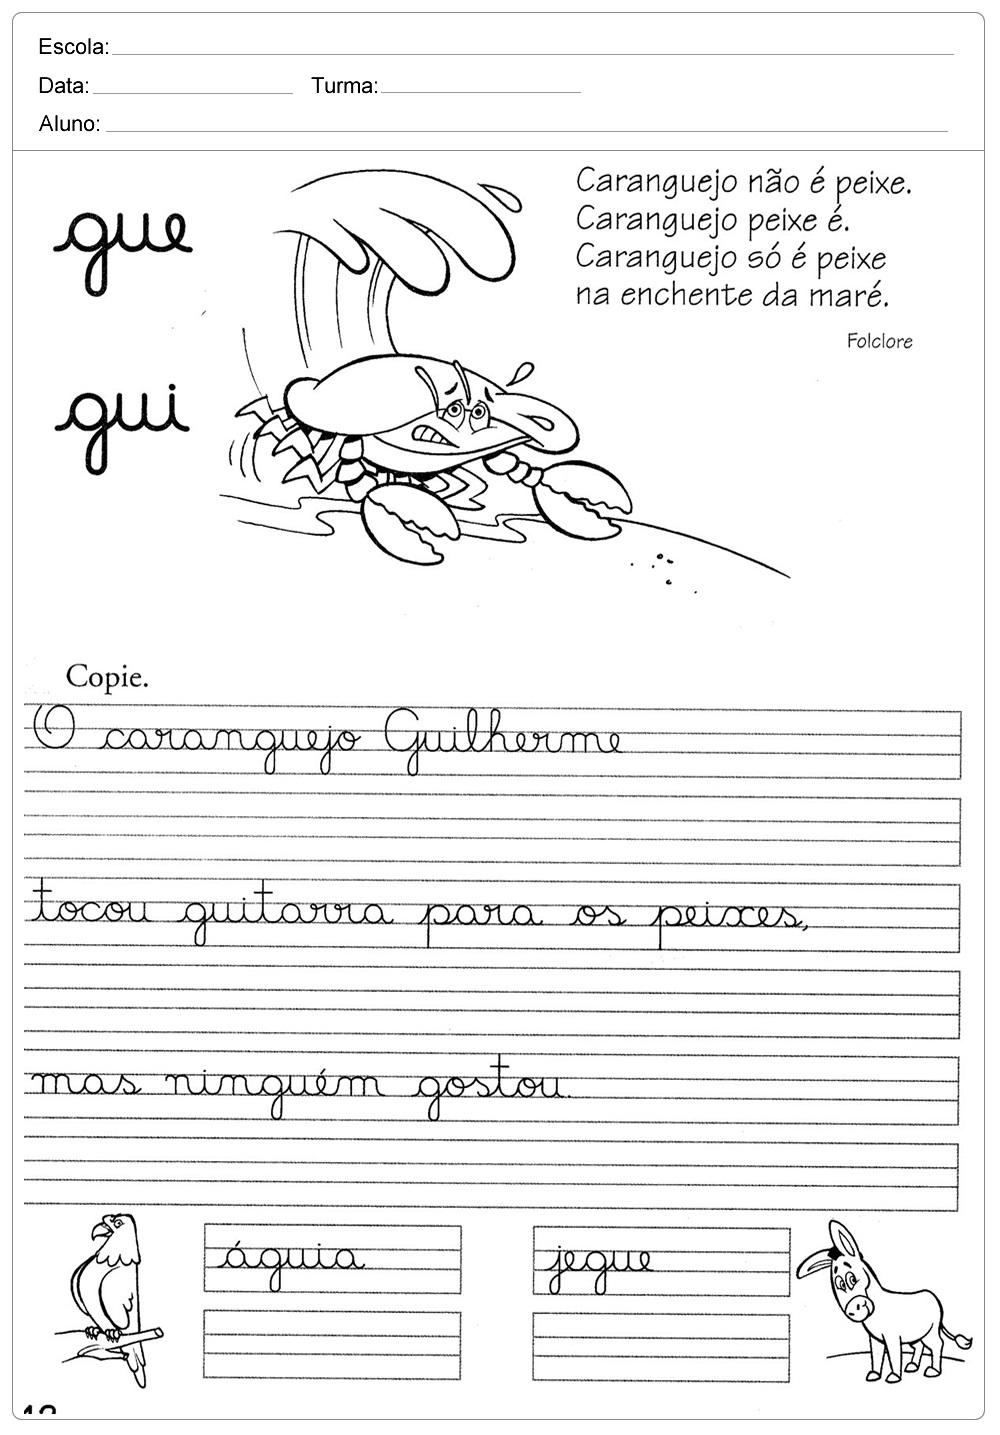 atividade-de-caligrafia-que-qui